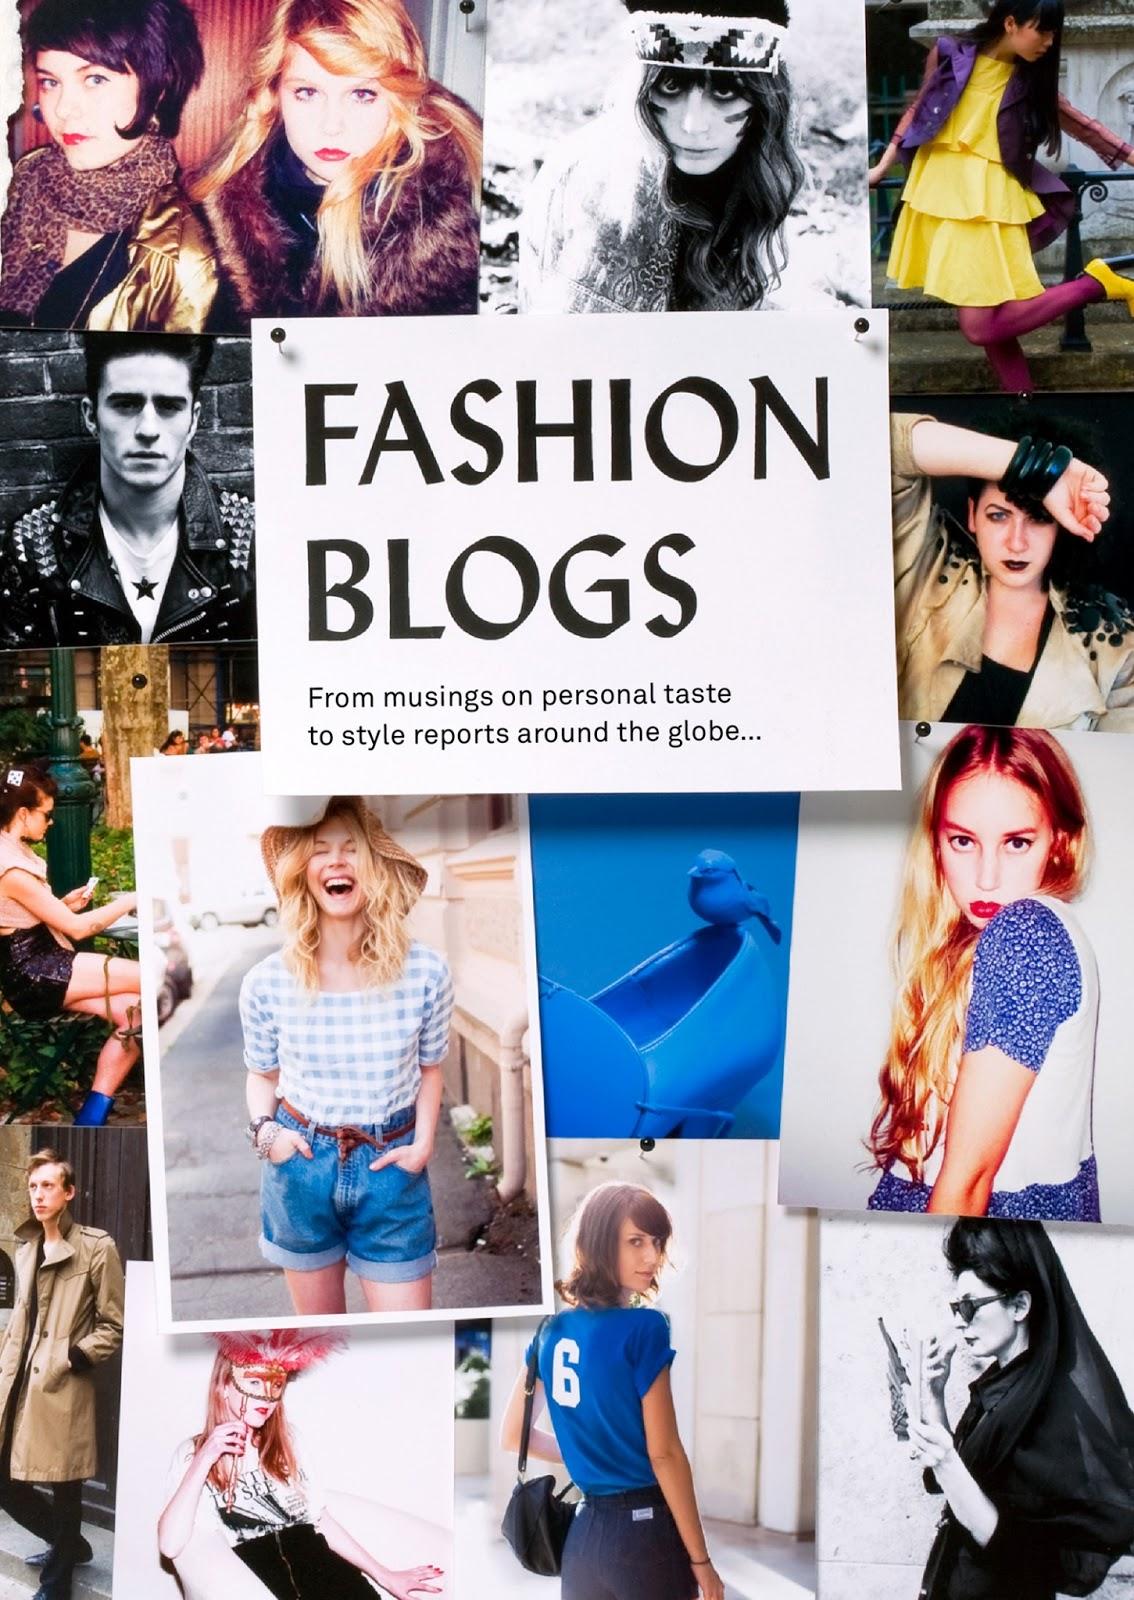 Fashion blogs consumer culture